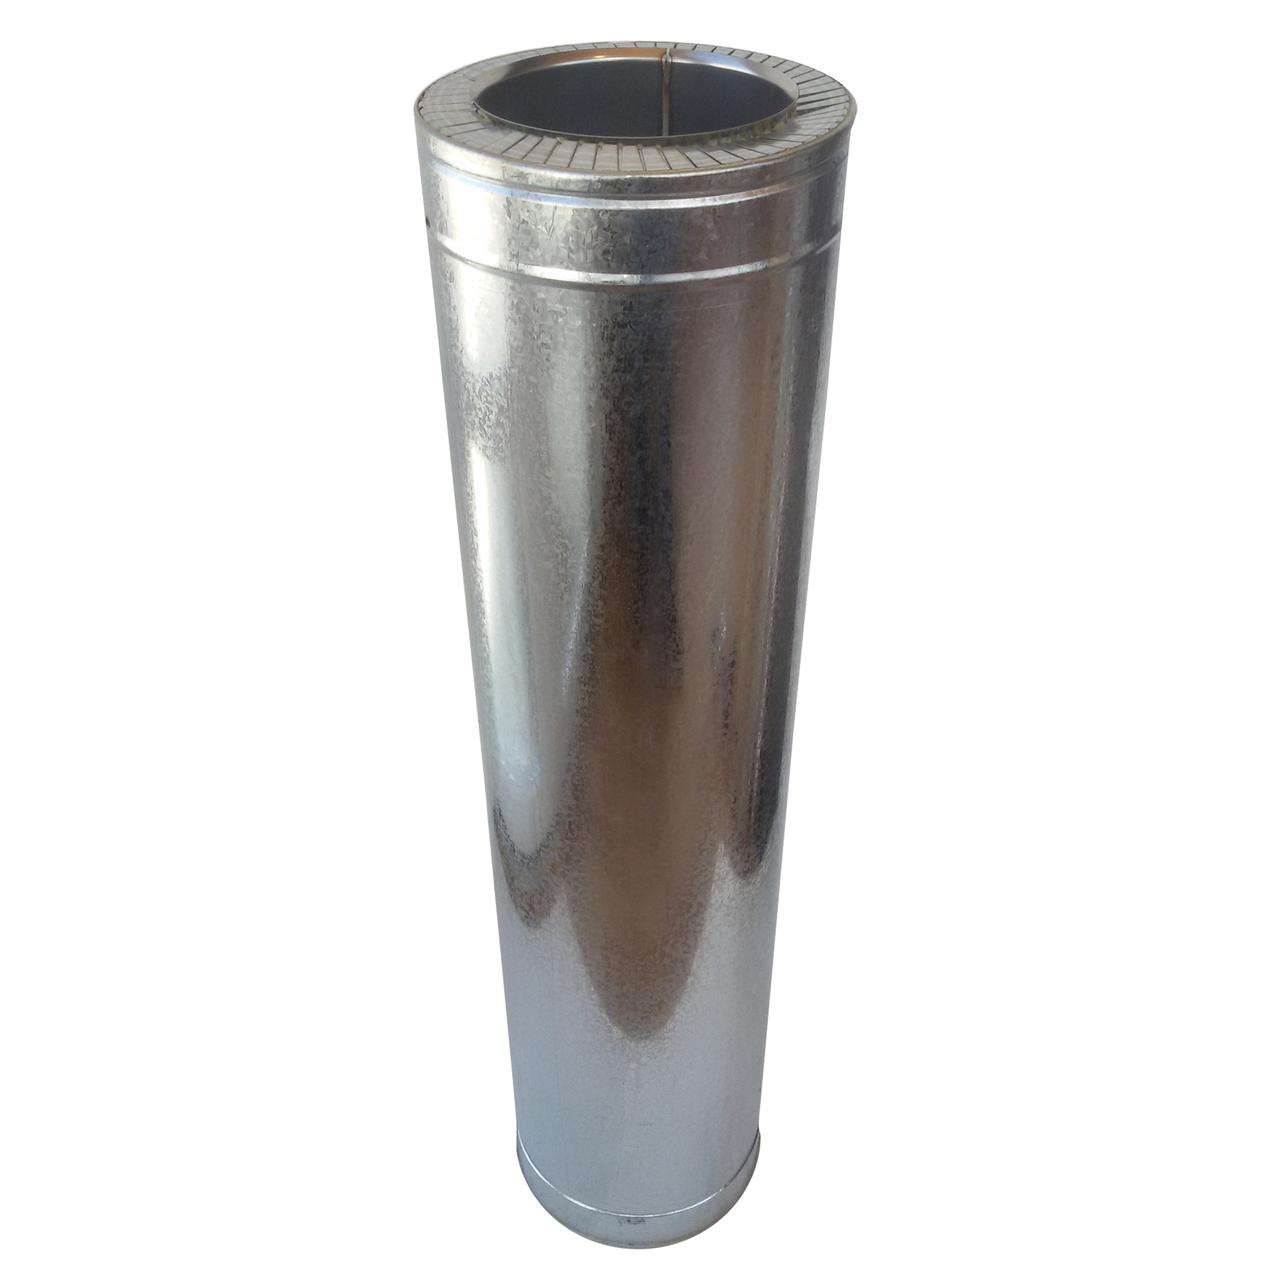 Труба-для димаря сендвіч d 150 мм; 0,5 мм; AISI 304; 1 метр; нержавійка/оцинкування - «Версія-Люкс»